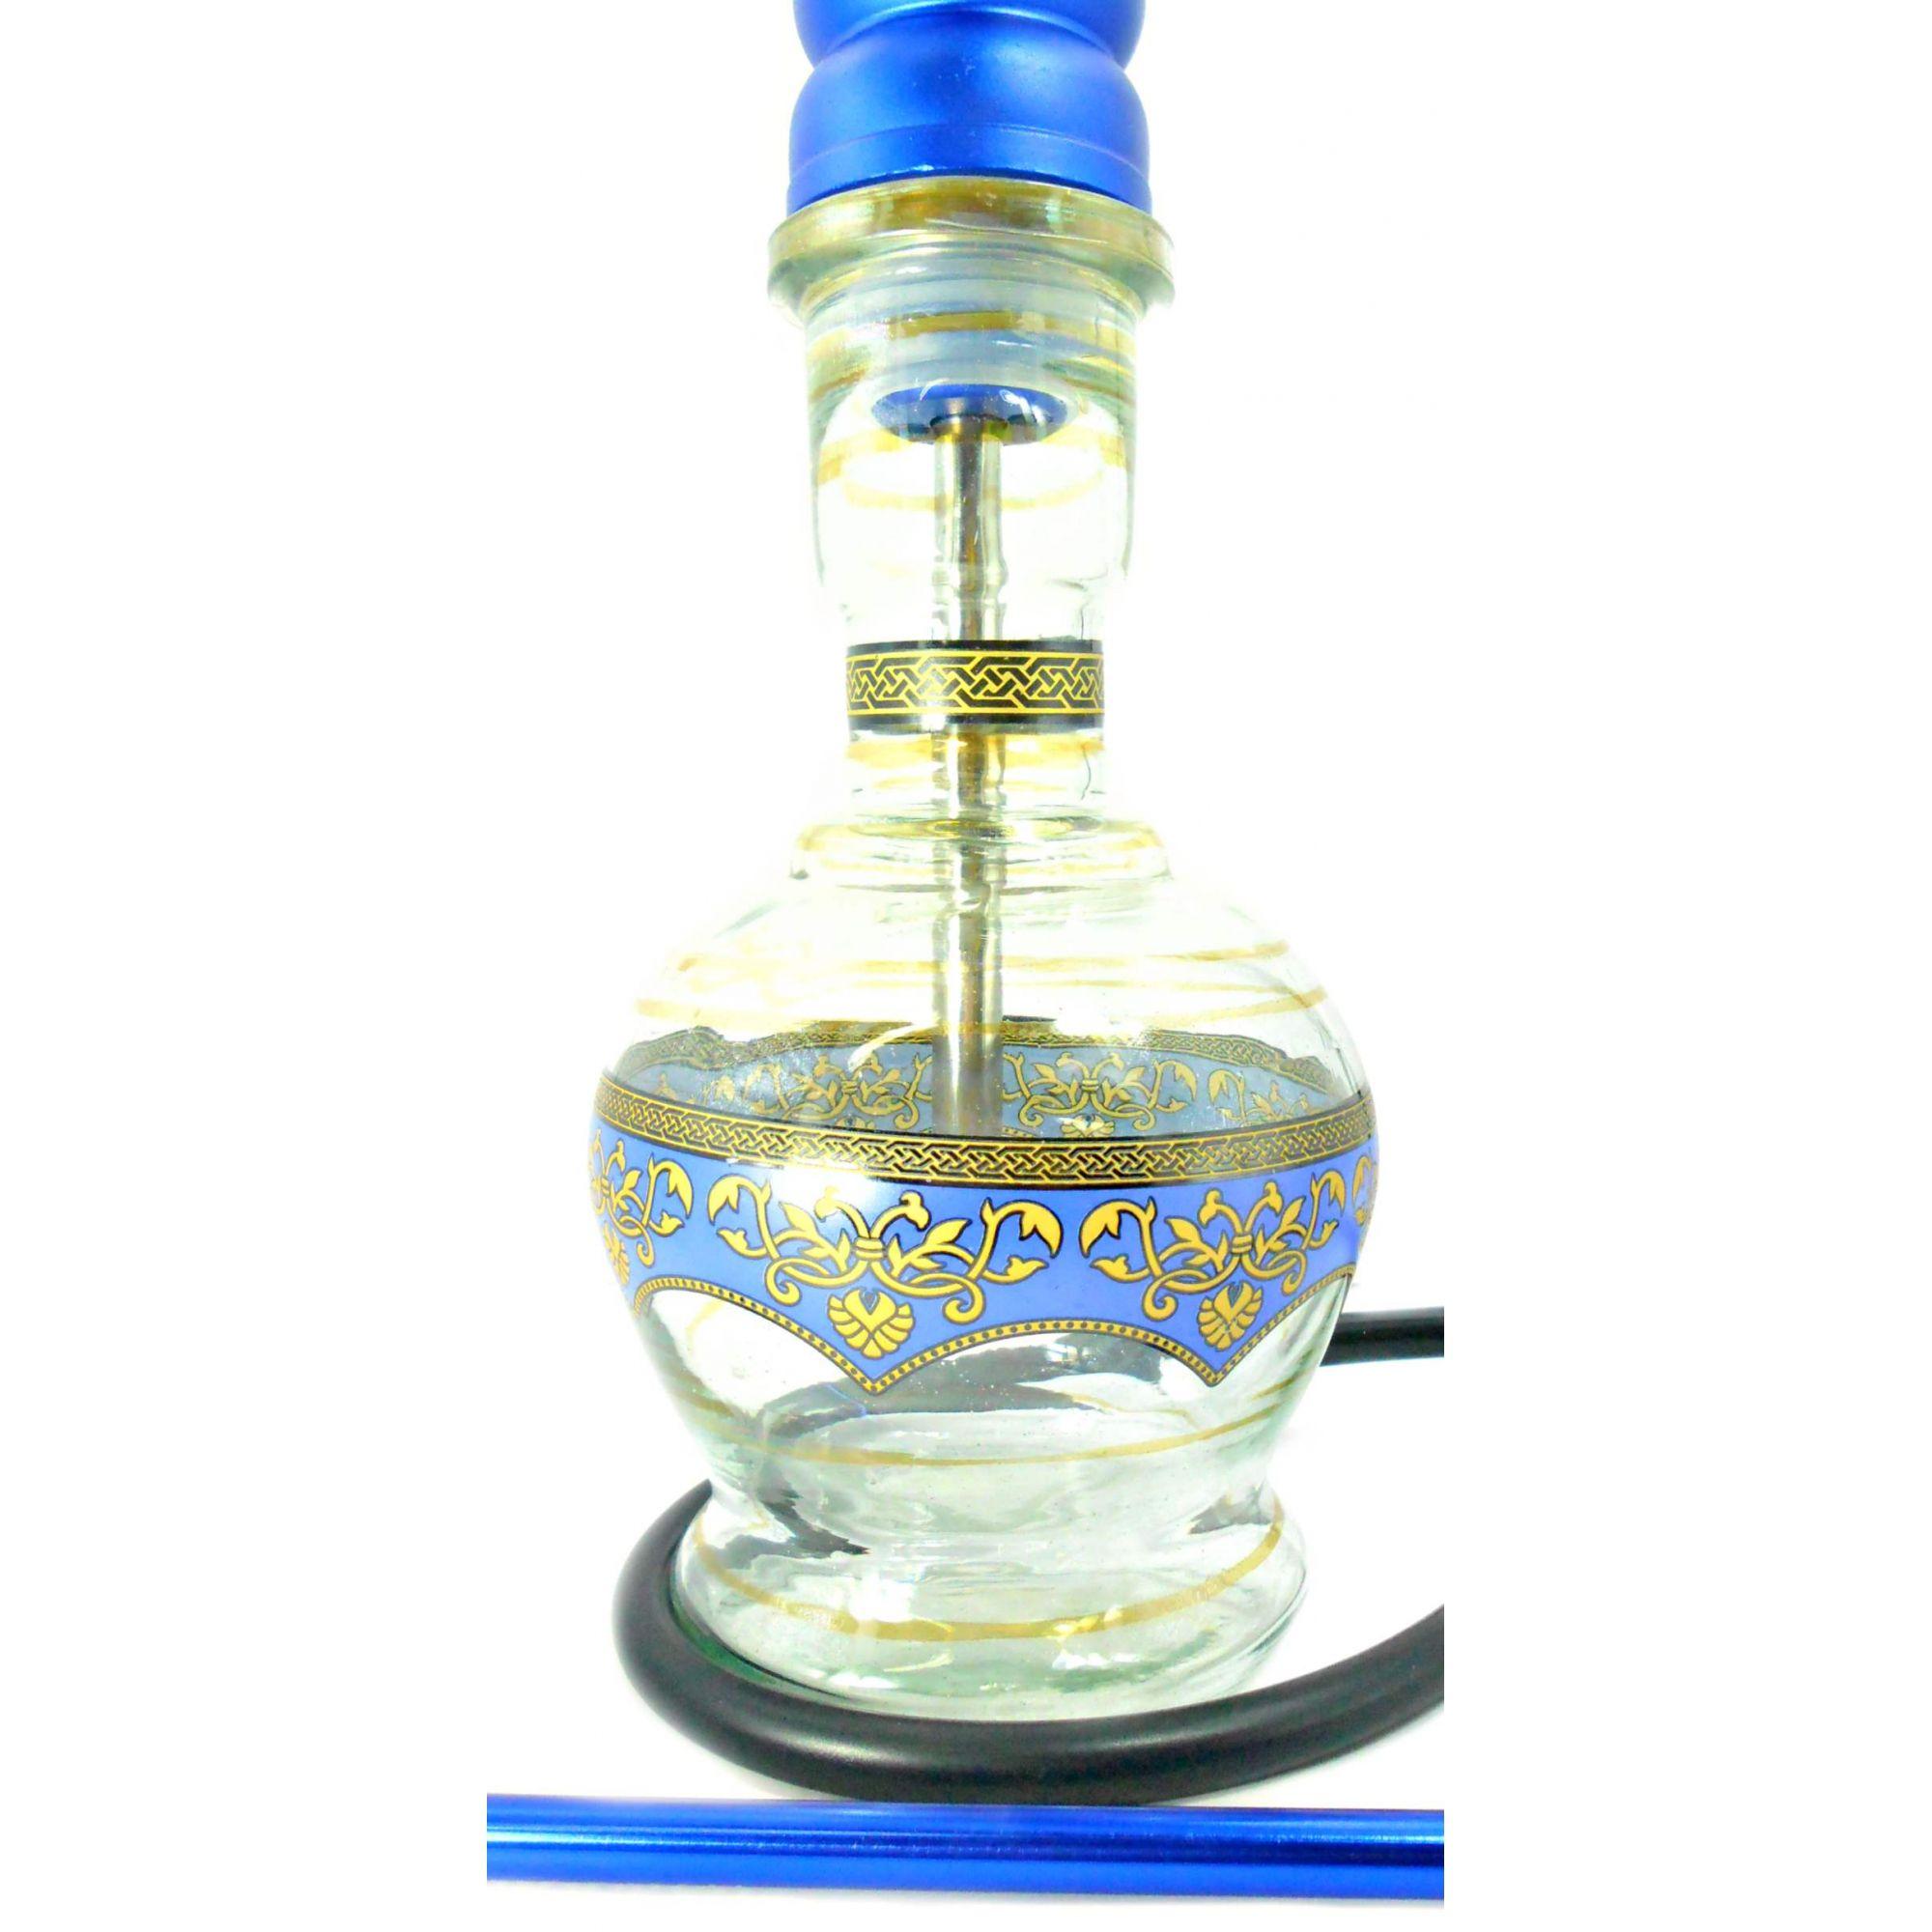 Narguile Yahya Azul alumínio 83cm. Vaso Jumbo, mangueira de silicone, rosh e piteira de alumínio